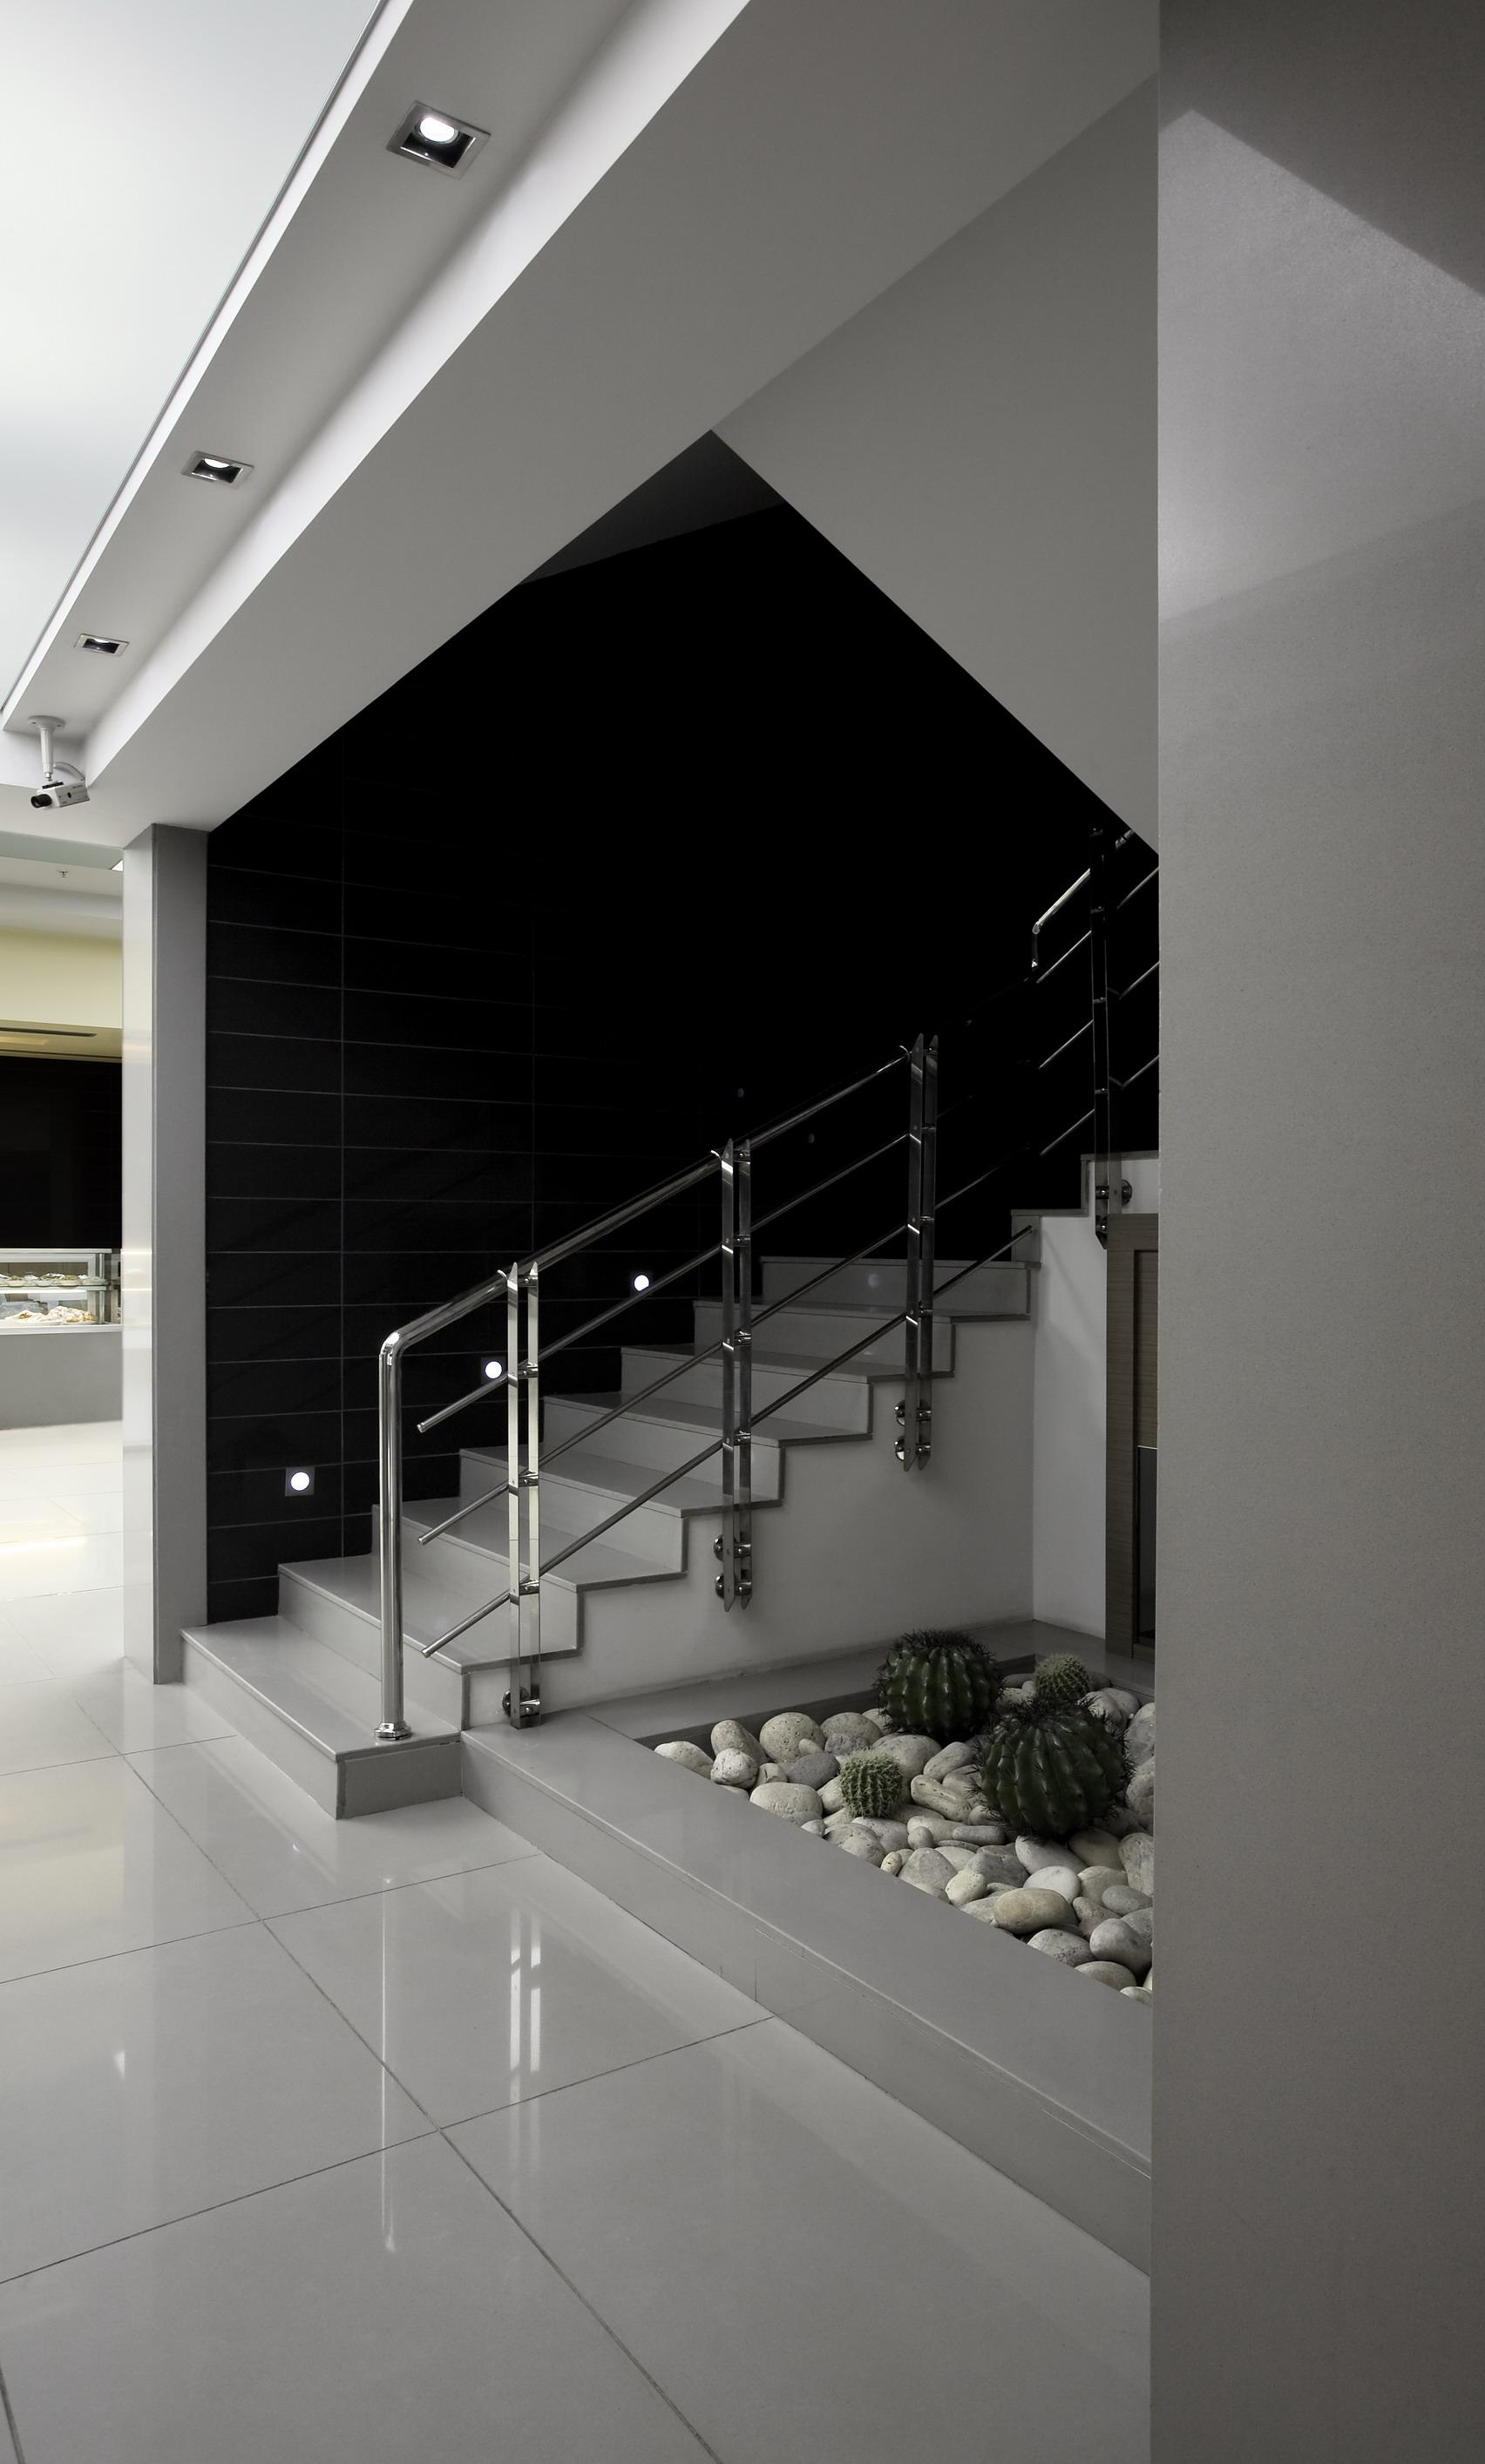 betontreppe fliesen elegant auf einer betontreppe kann nahezu jeder belag verlegt werden ob. Black Bedroom Furniture Sets. Home Design Ideas